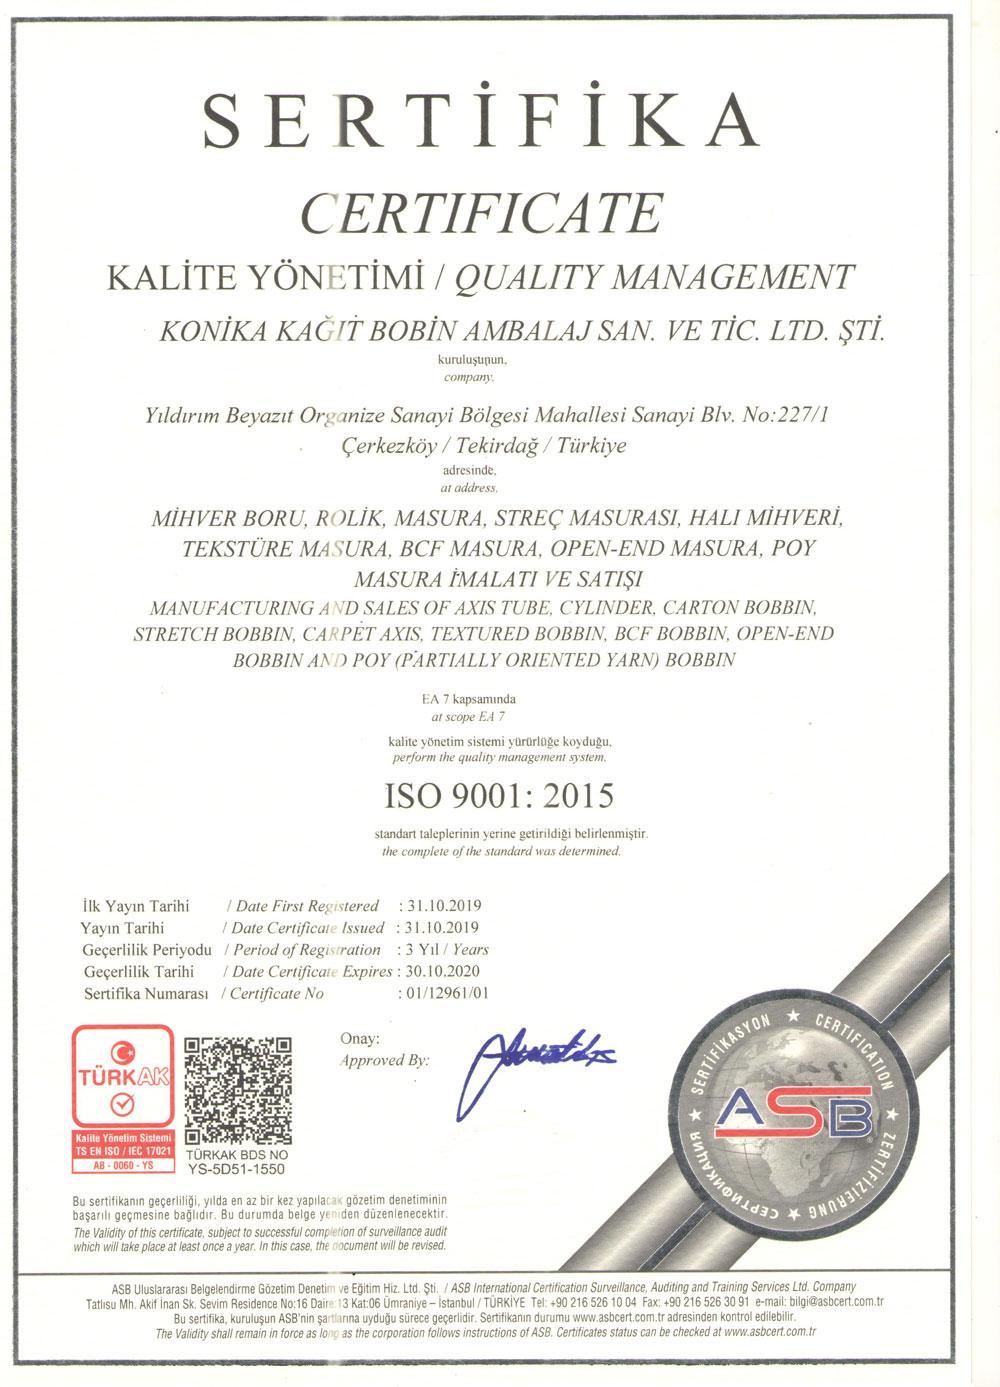 konika-sertifika